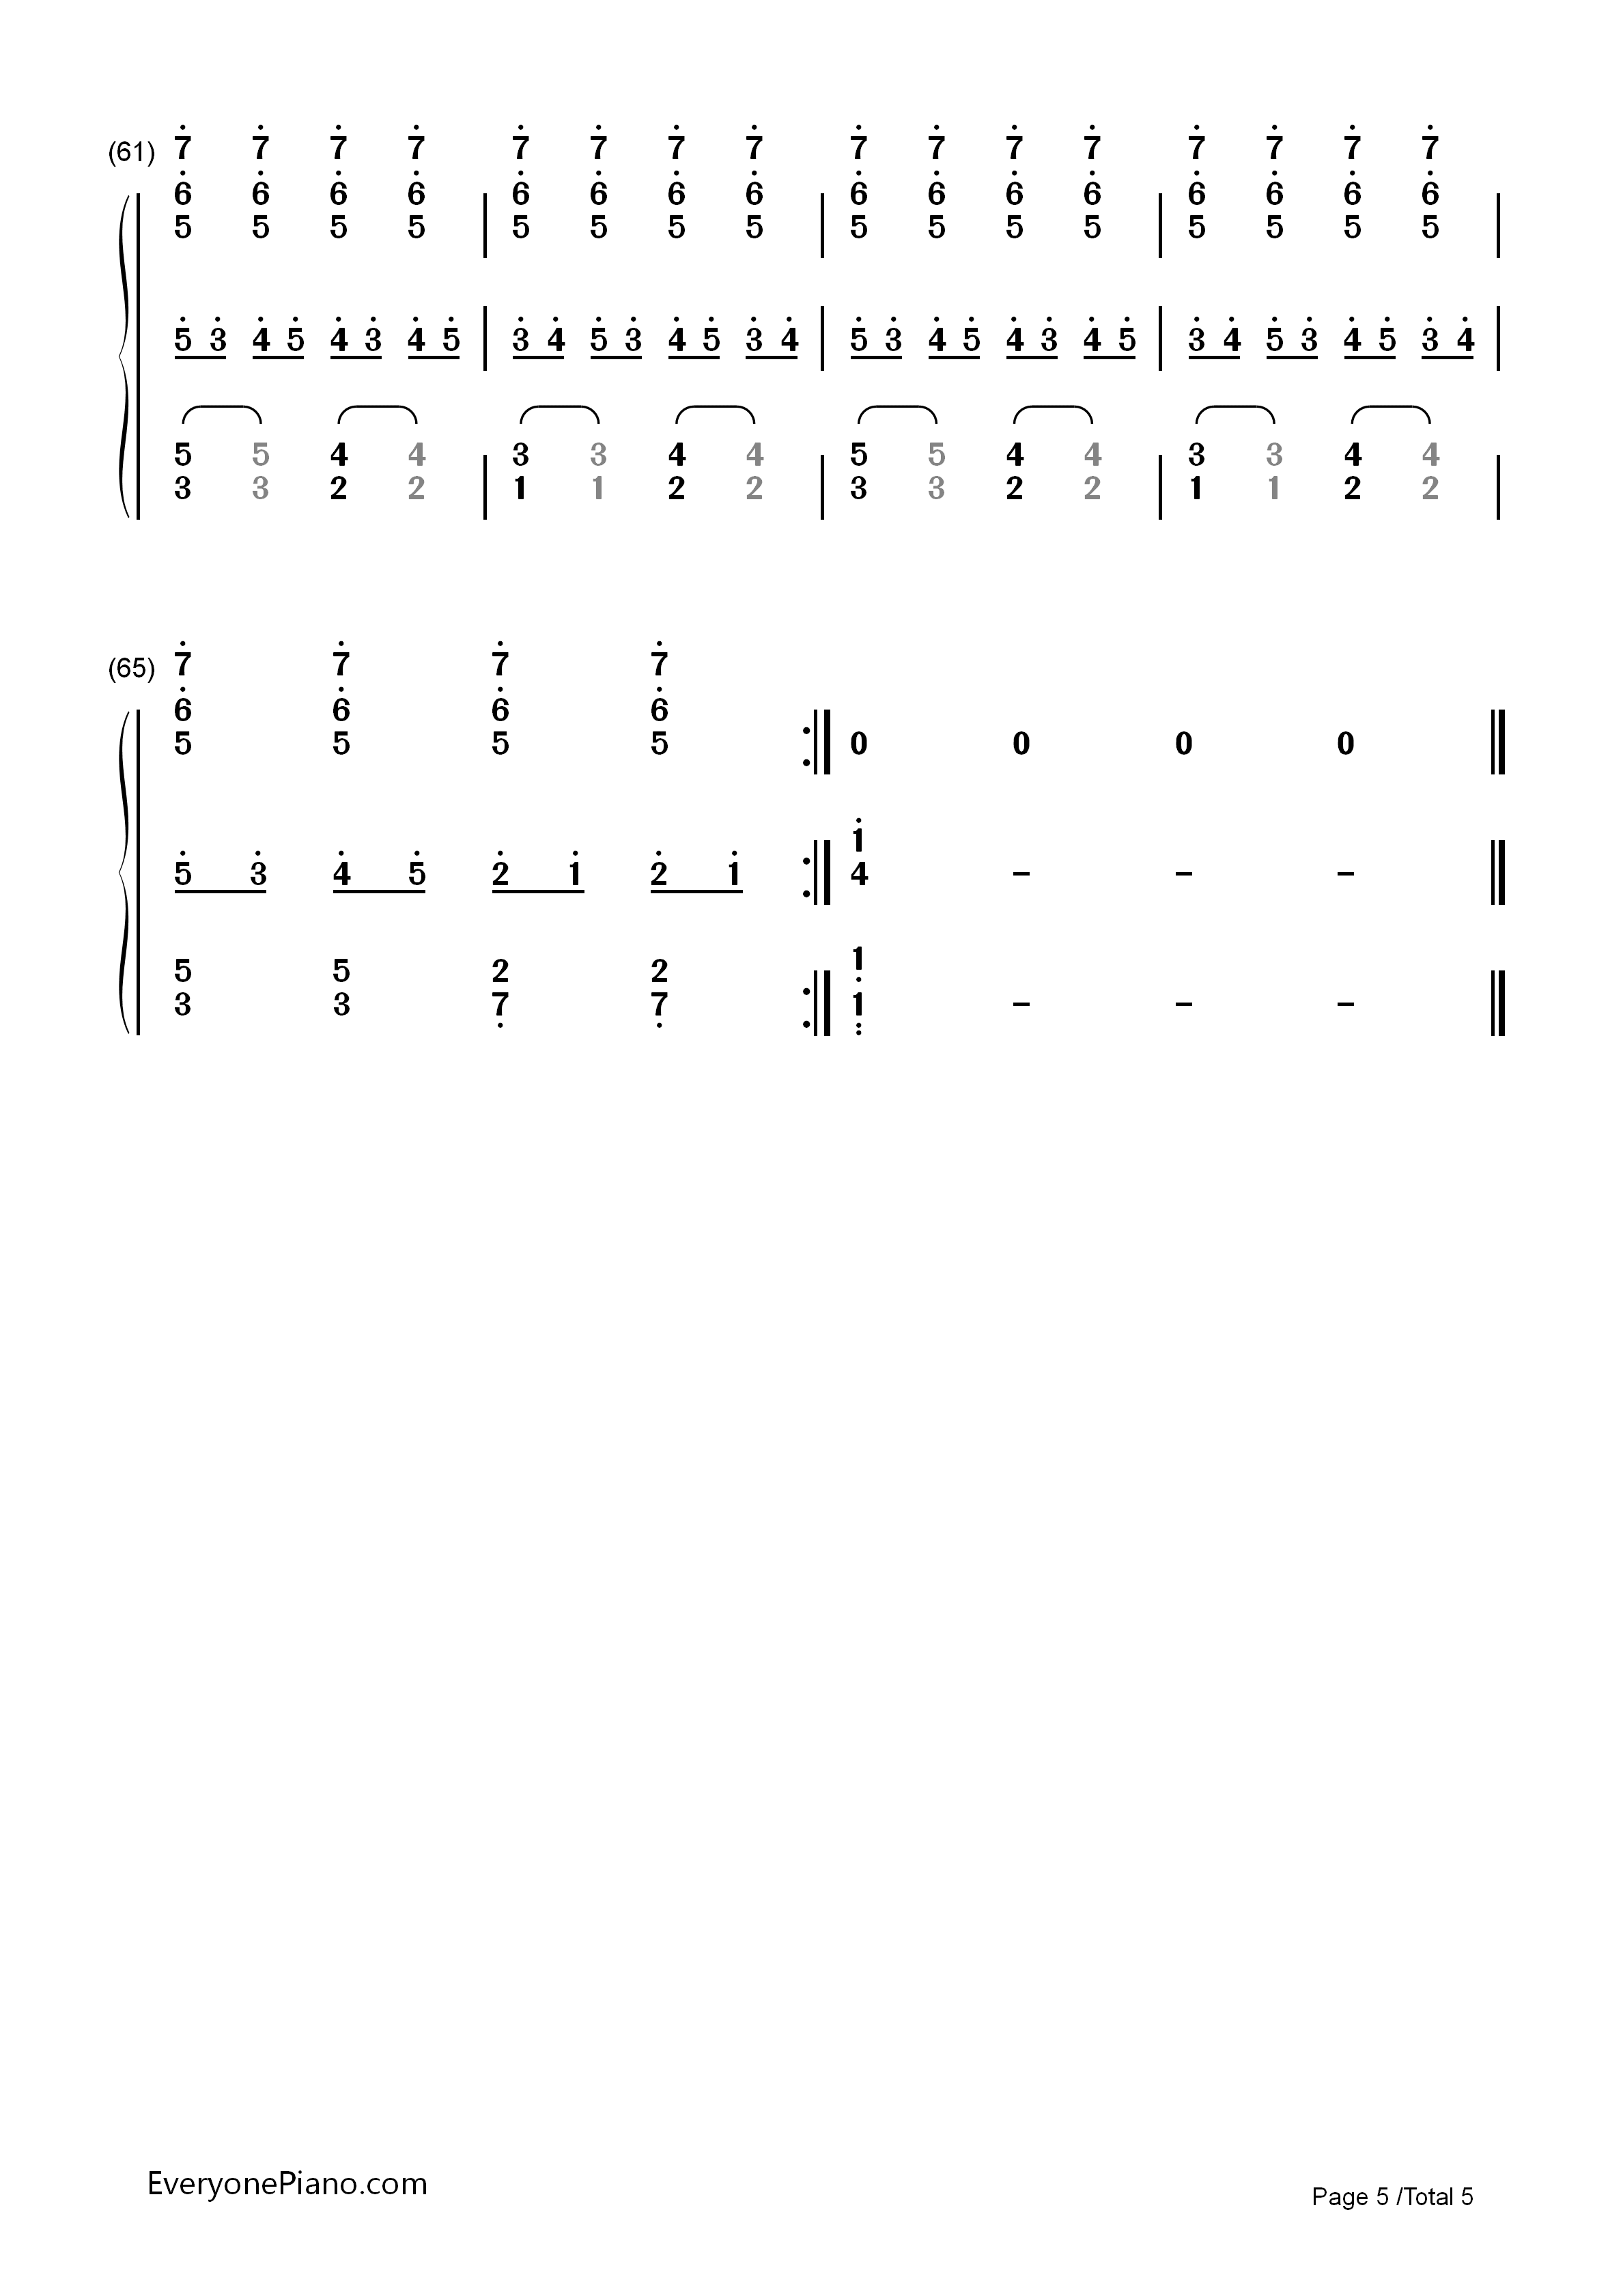 钢琴曲谱 动漫 圆周率之歌-初音未来三神曲之一